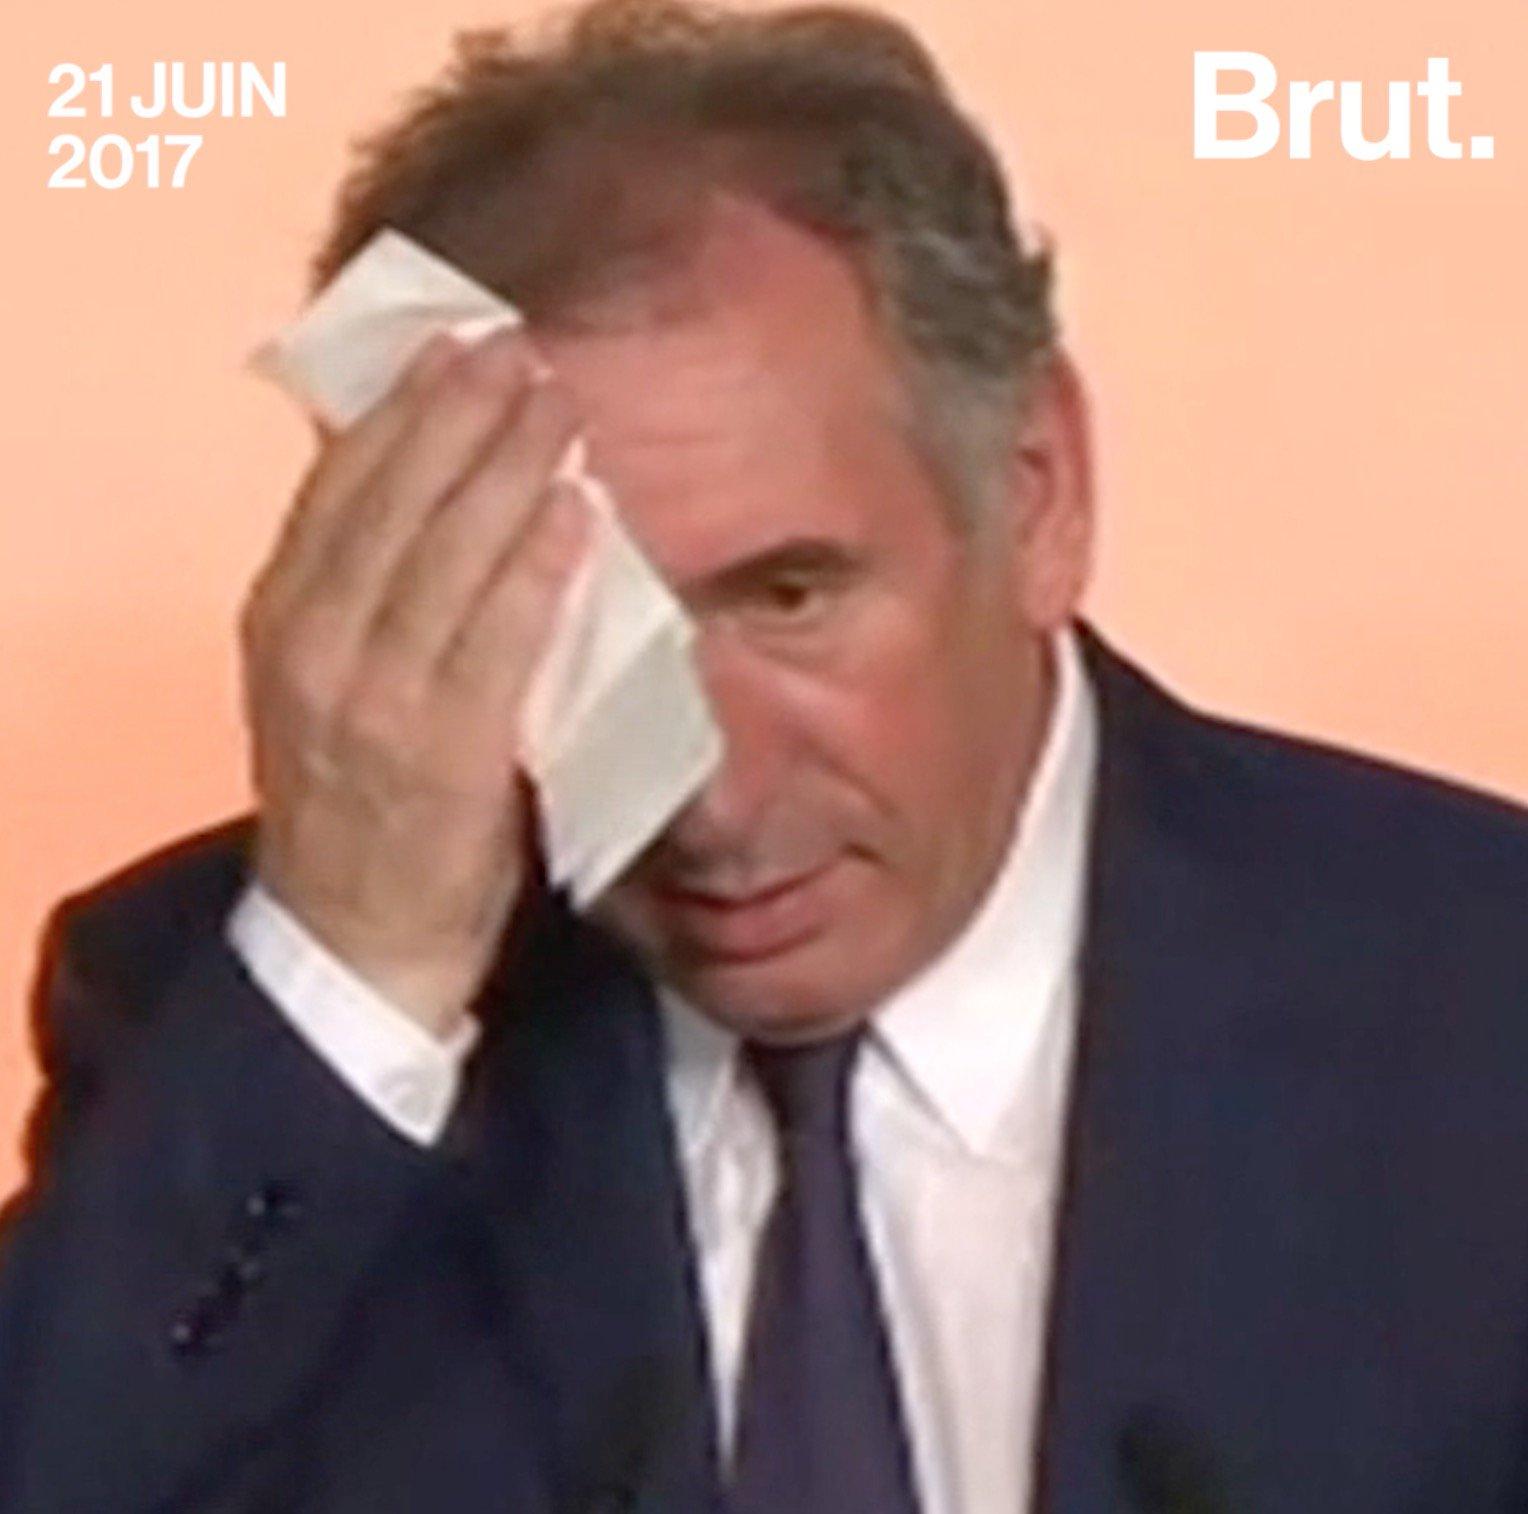 François Bayrou et la presse : avant / après. https://t.co/SvLRIKPvFK